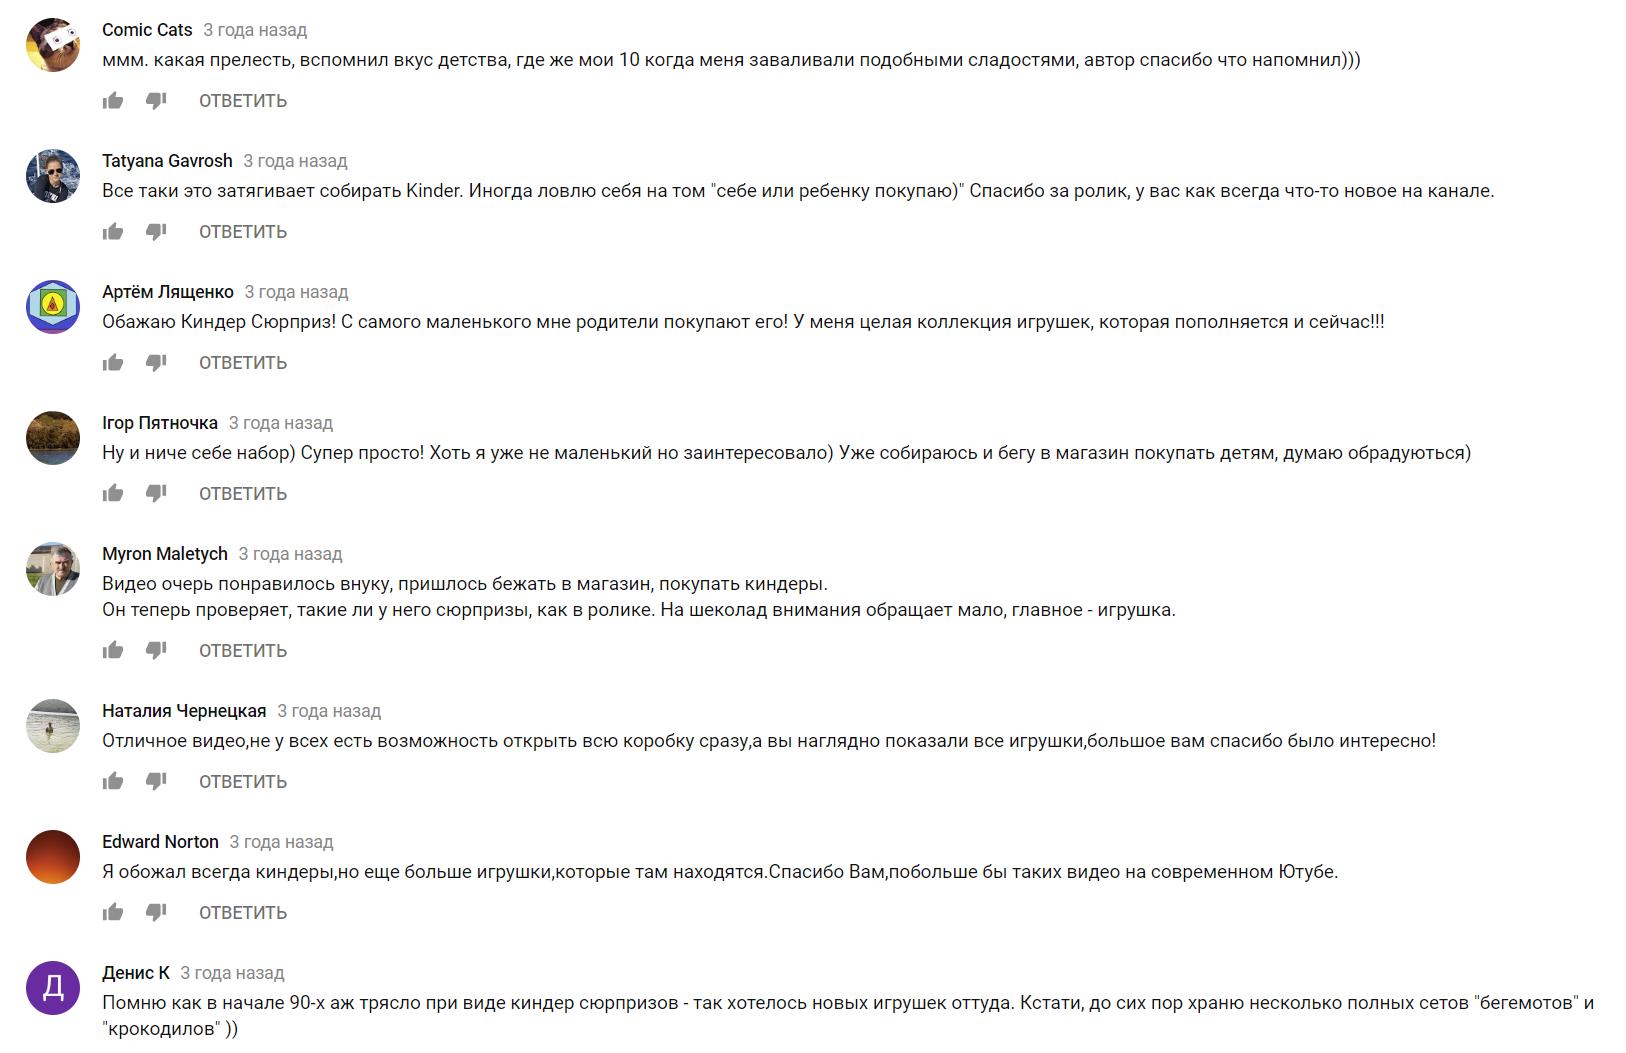 Как находить ботов на ютубе: внешние паттерны взаимодействия комментаторов - 10